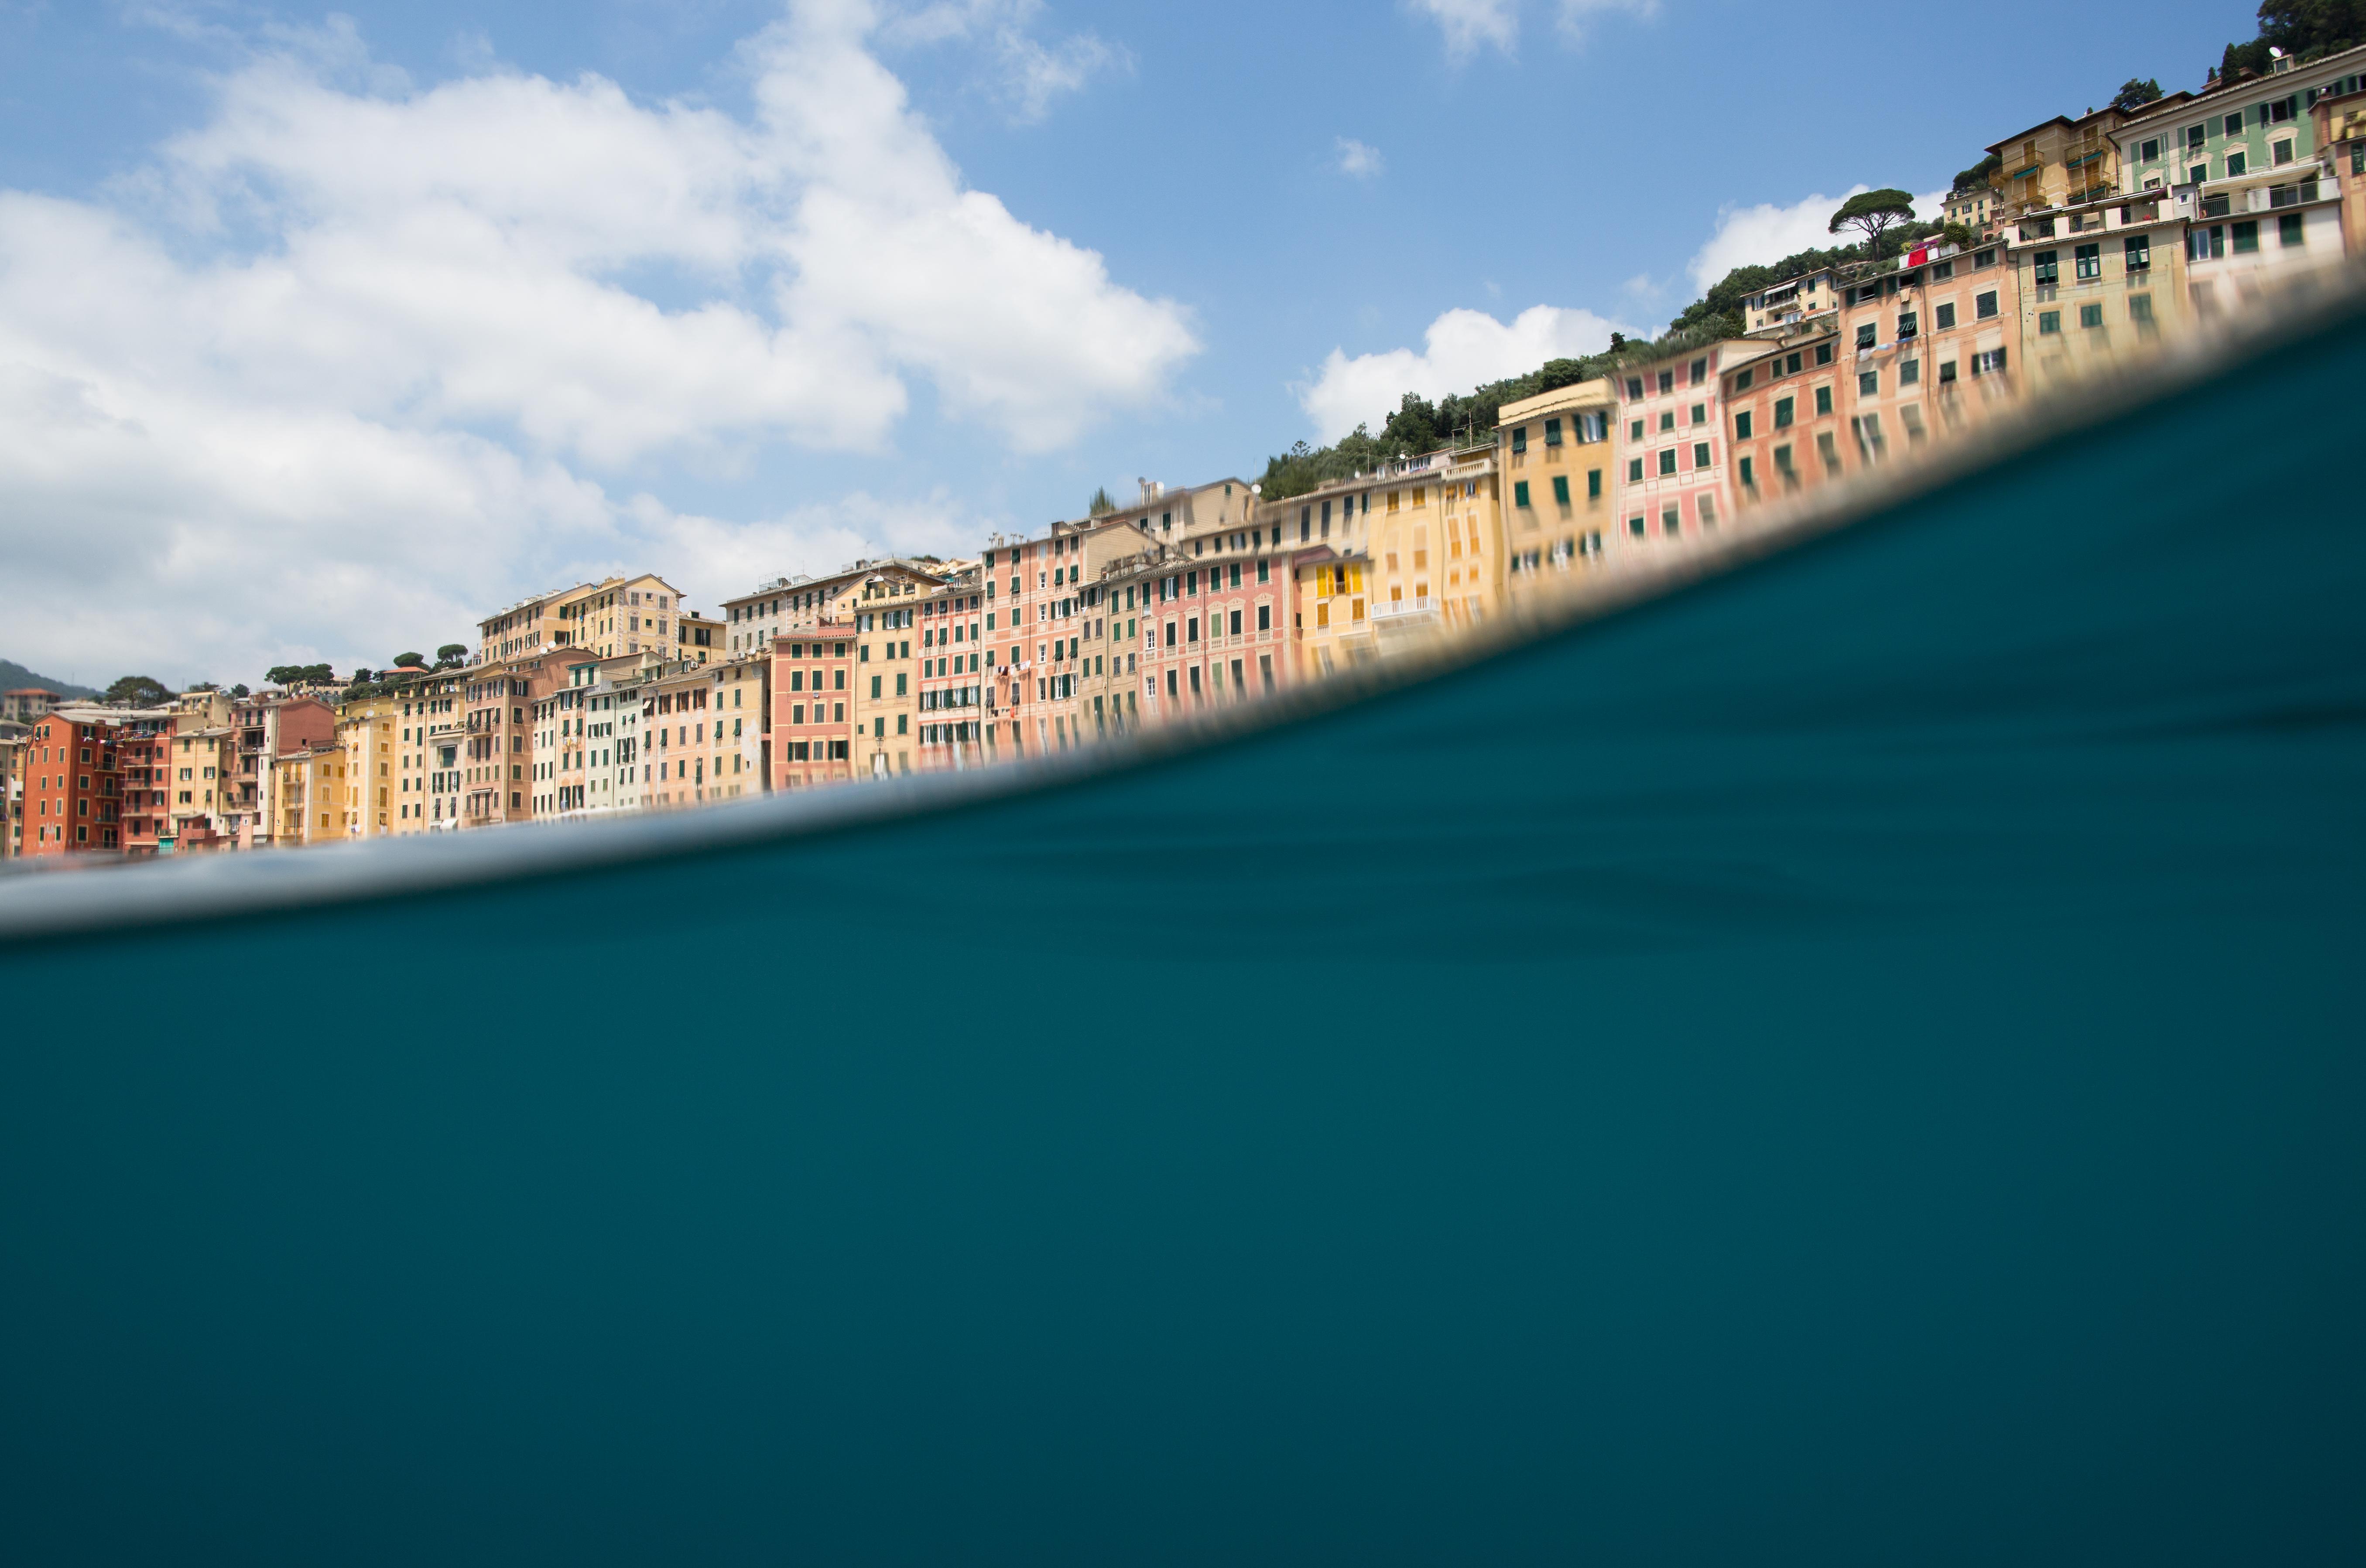 Amphibious Eye Project 2014 Amalfi Coast